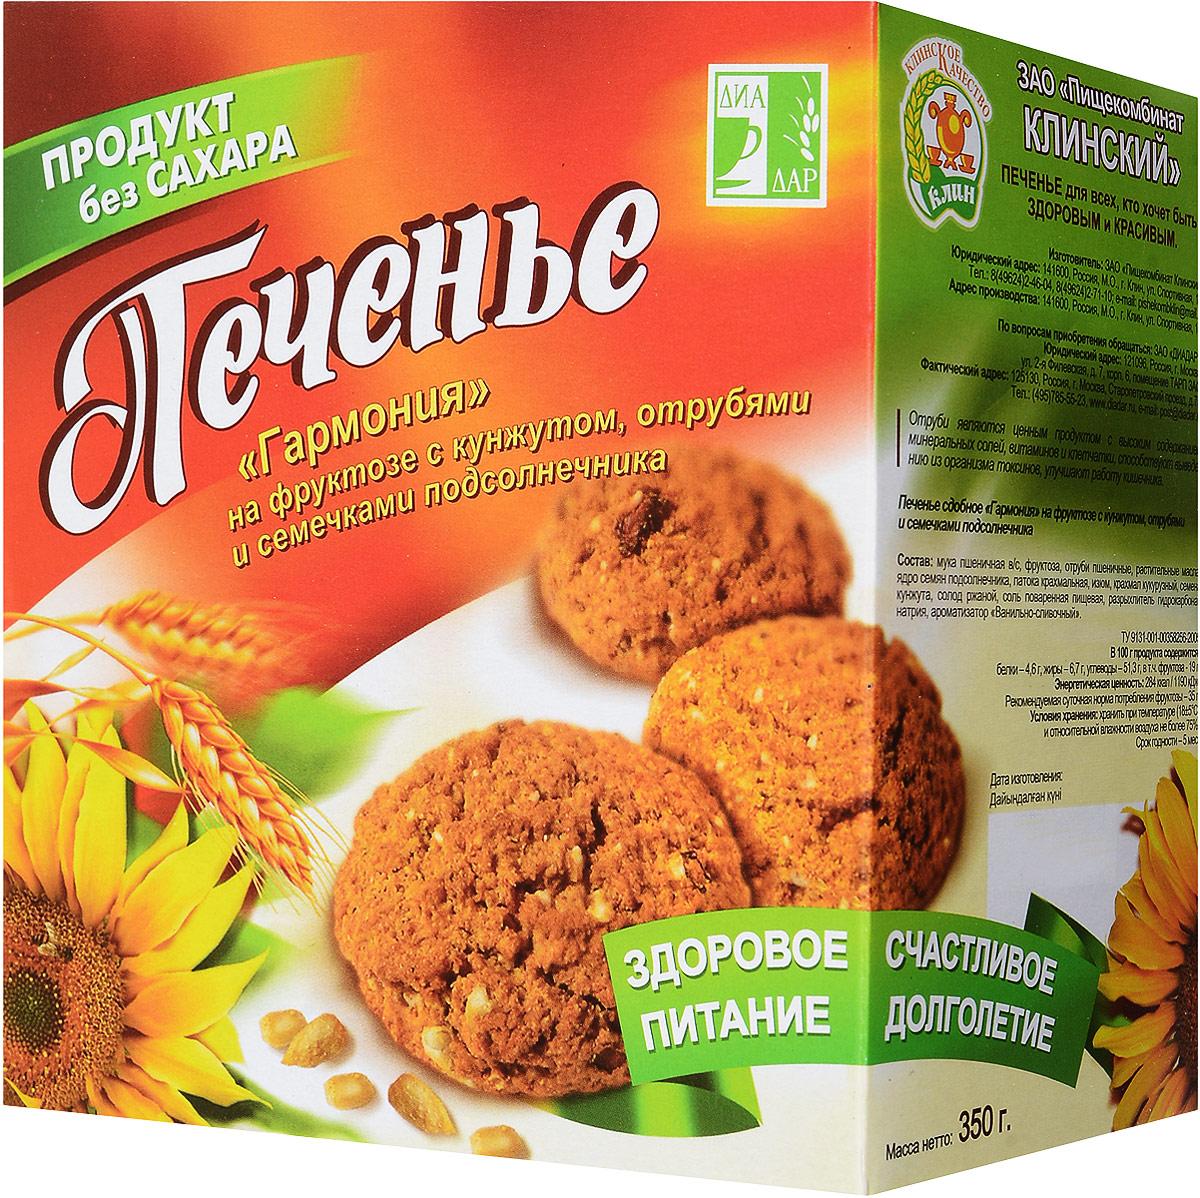 Гармония Печенье на фруктозе с кунжутом отрубями и семечками подсолнечника, 350 г0120710Печенье на фруктозе с кунжутом, отрубями и семечками подсолнечника Гармония - печенье для всех, кто хочет быть здоровым и красивым.Печенье Гармония не только вкусное, но и полезное для здоровья. Замена сахара на фруктозу при производстве этого печенья позволила расширить круг потребителей данного вида продукции. Это печенье разрешено людям, контролирующим уровень сахара в крови и страдающим избыточным весом.Уважаемые клиенты! Обращаем ваше внимание, что полный перечень состава продукта представлен на дополнительном изображении.